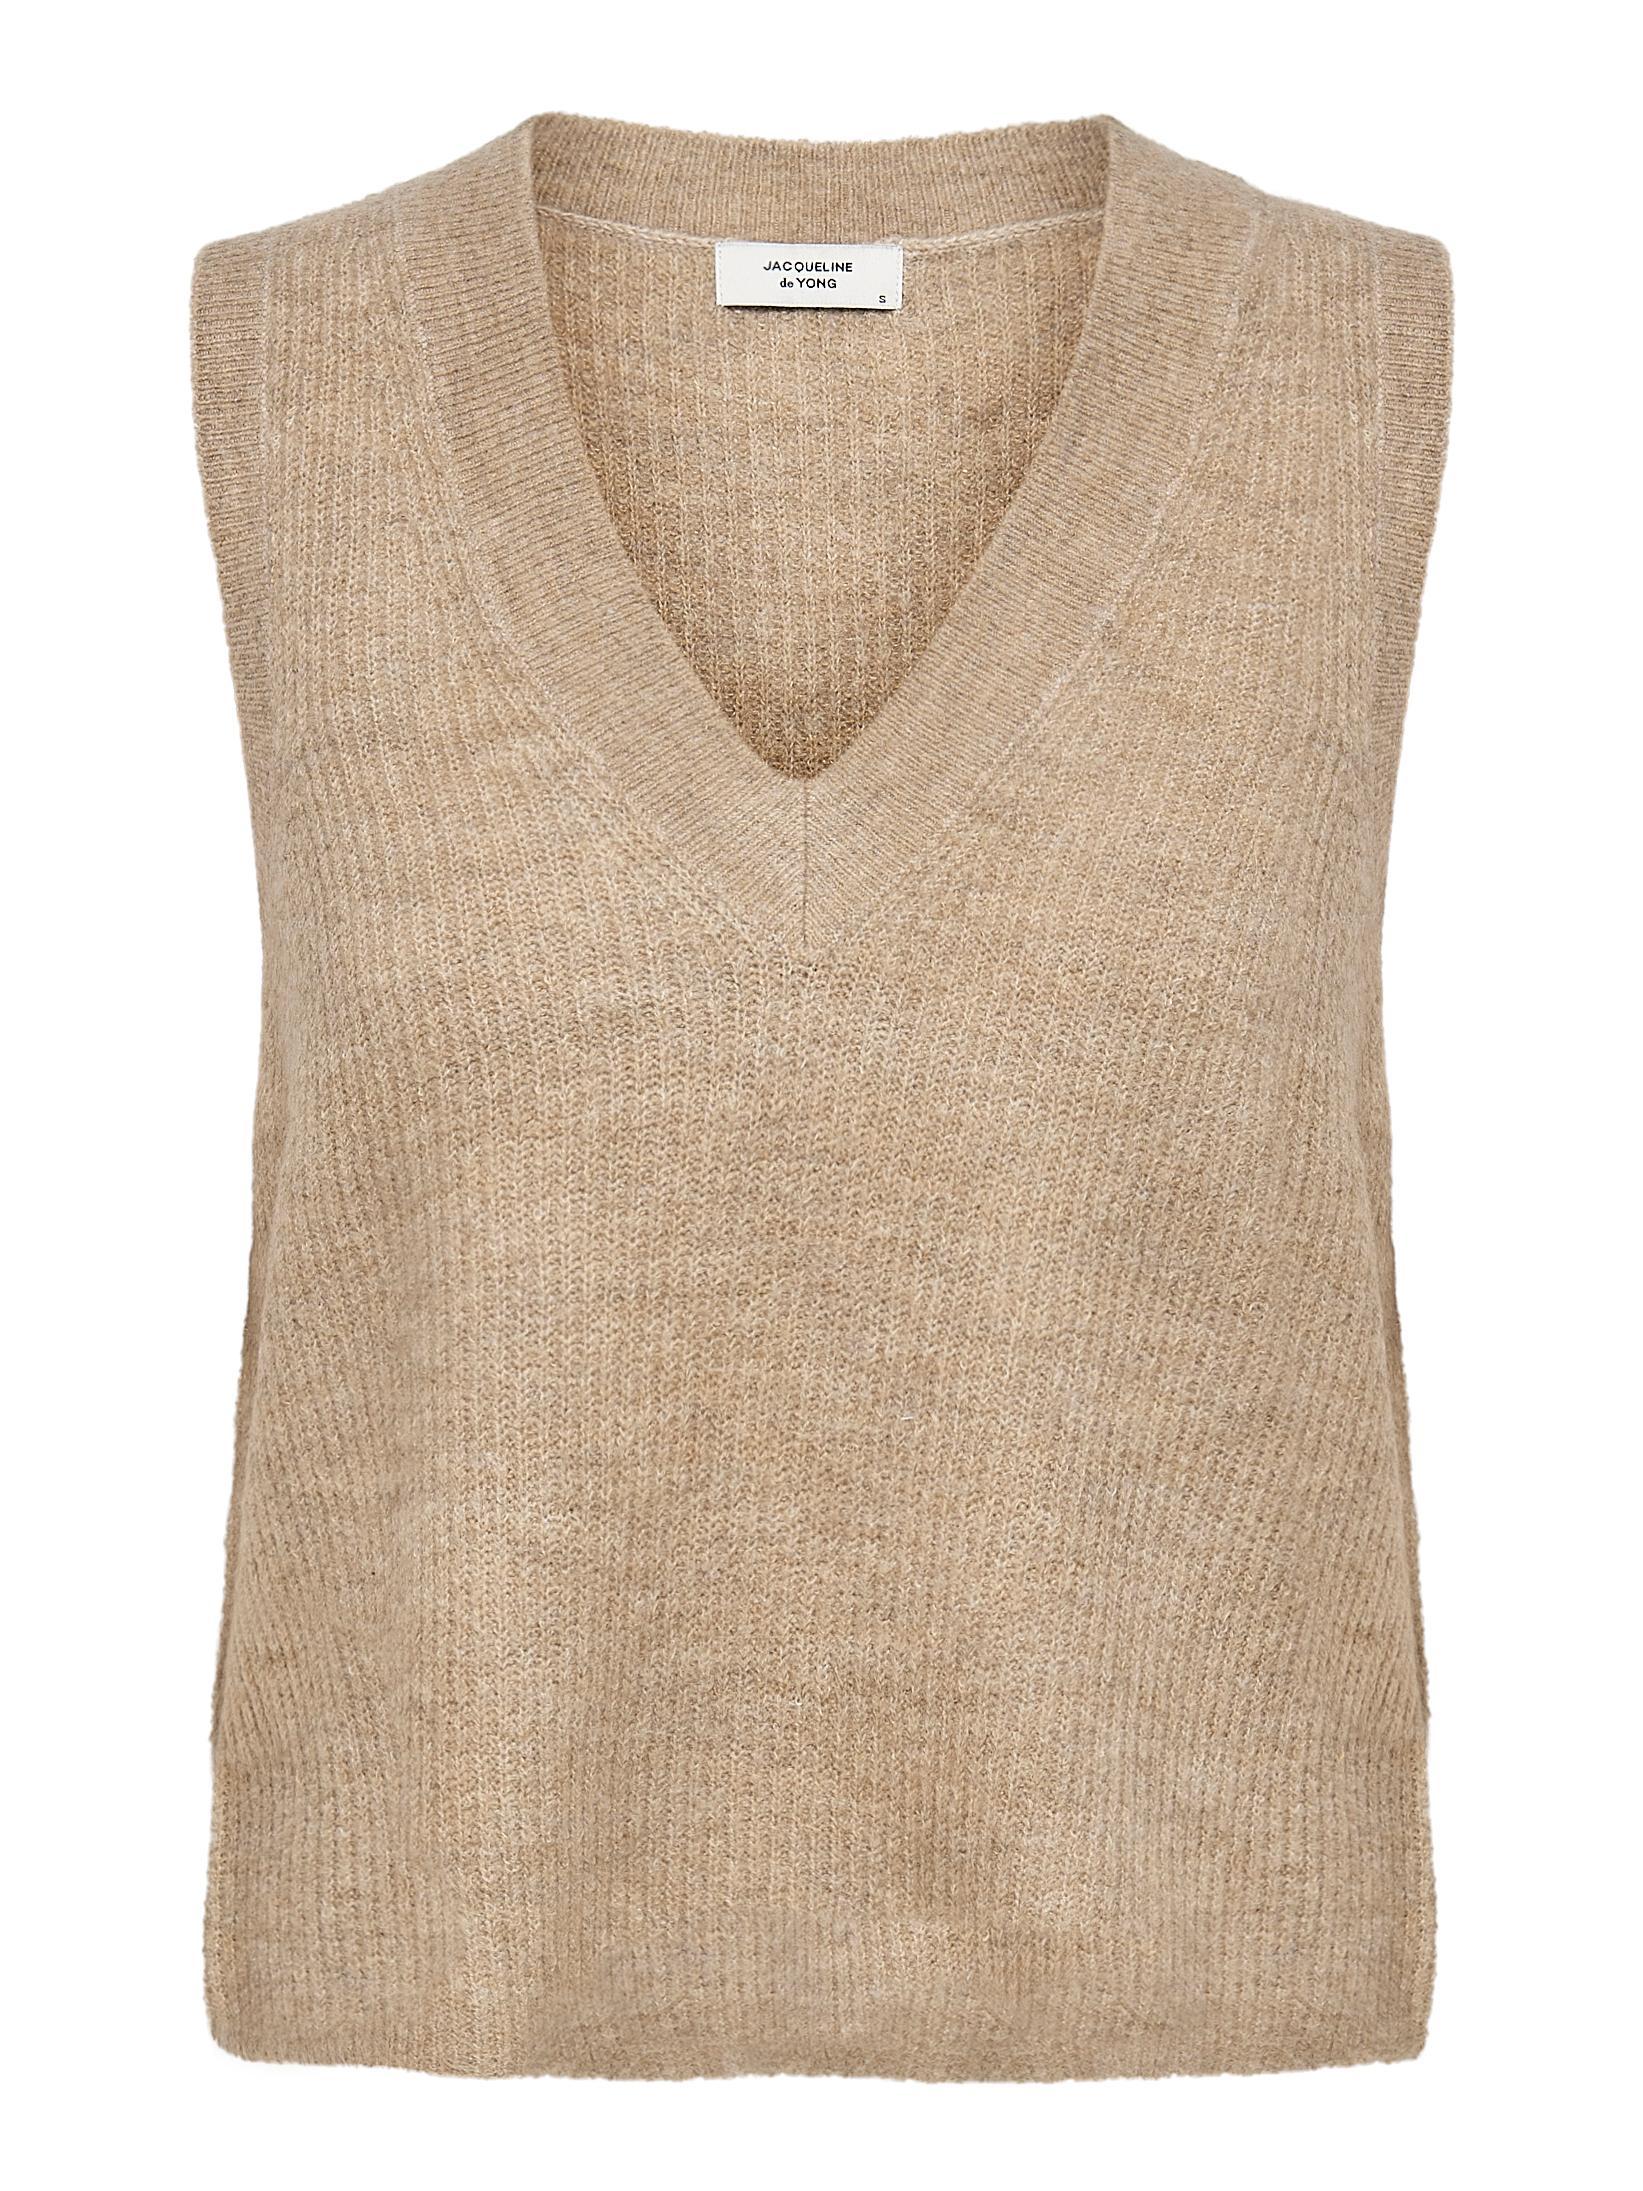 Jacqueline de Yong Elanor V-neck strikvest, oatmeal, large